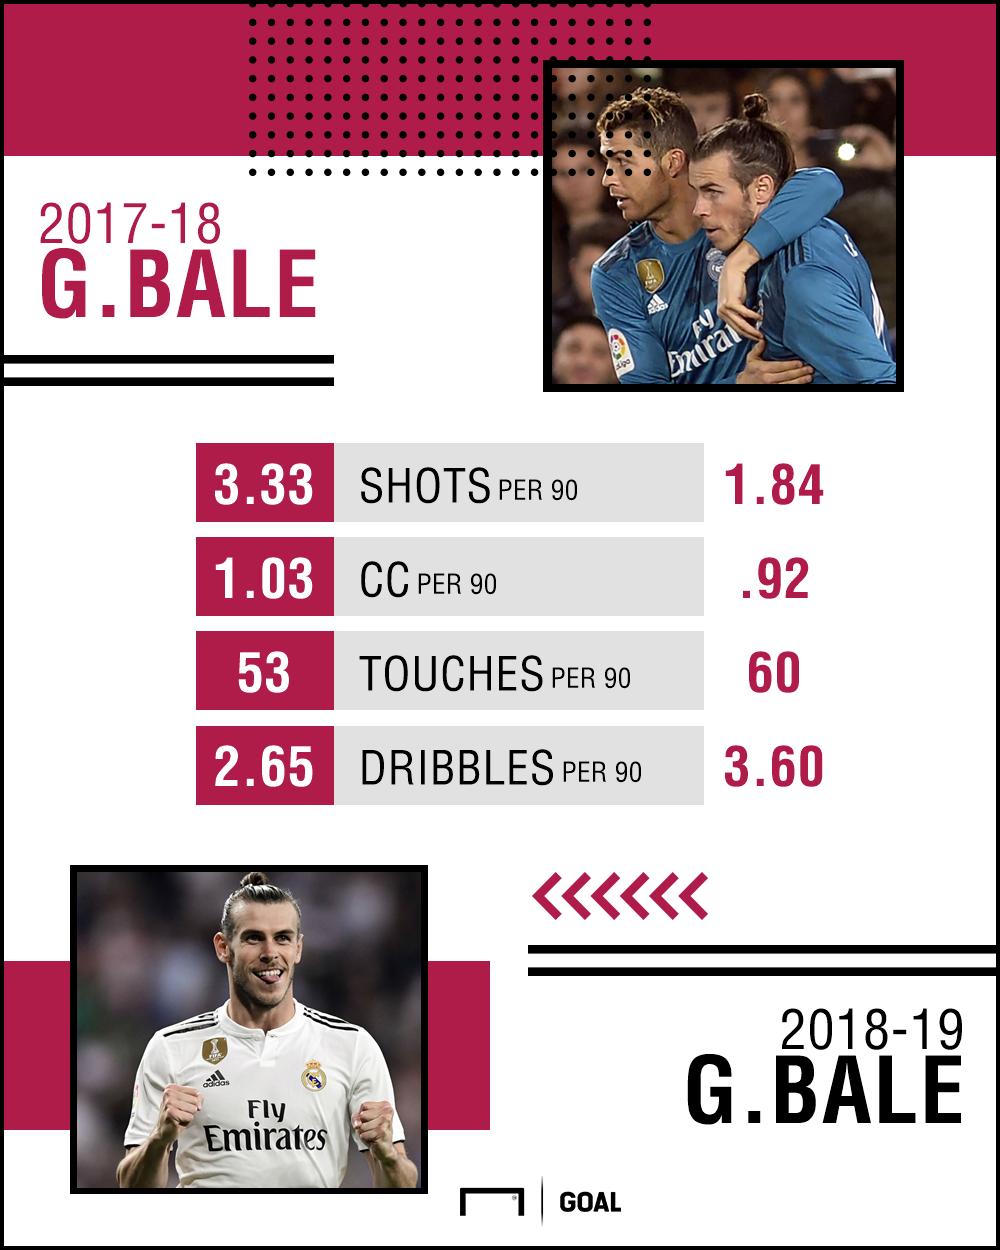 Gareth Bale stat comparison